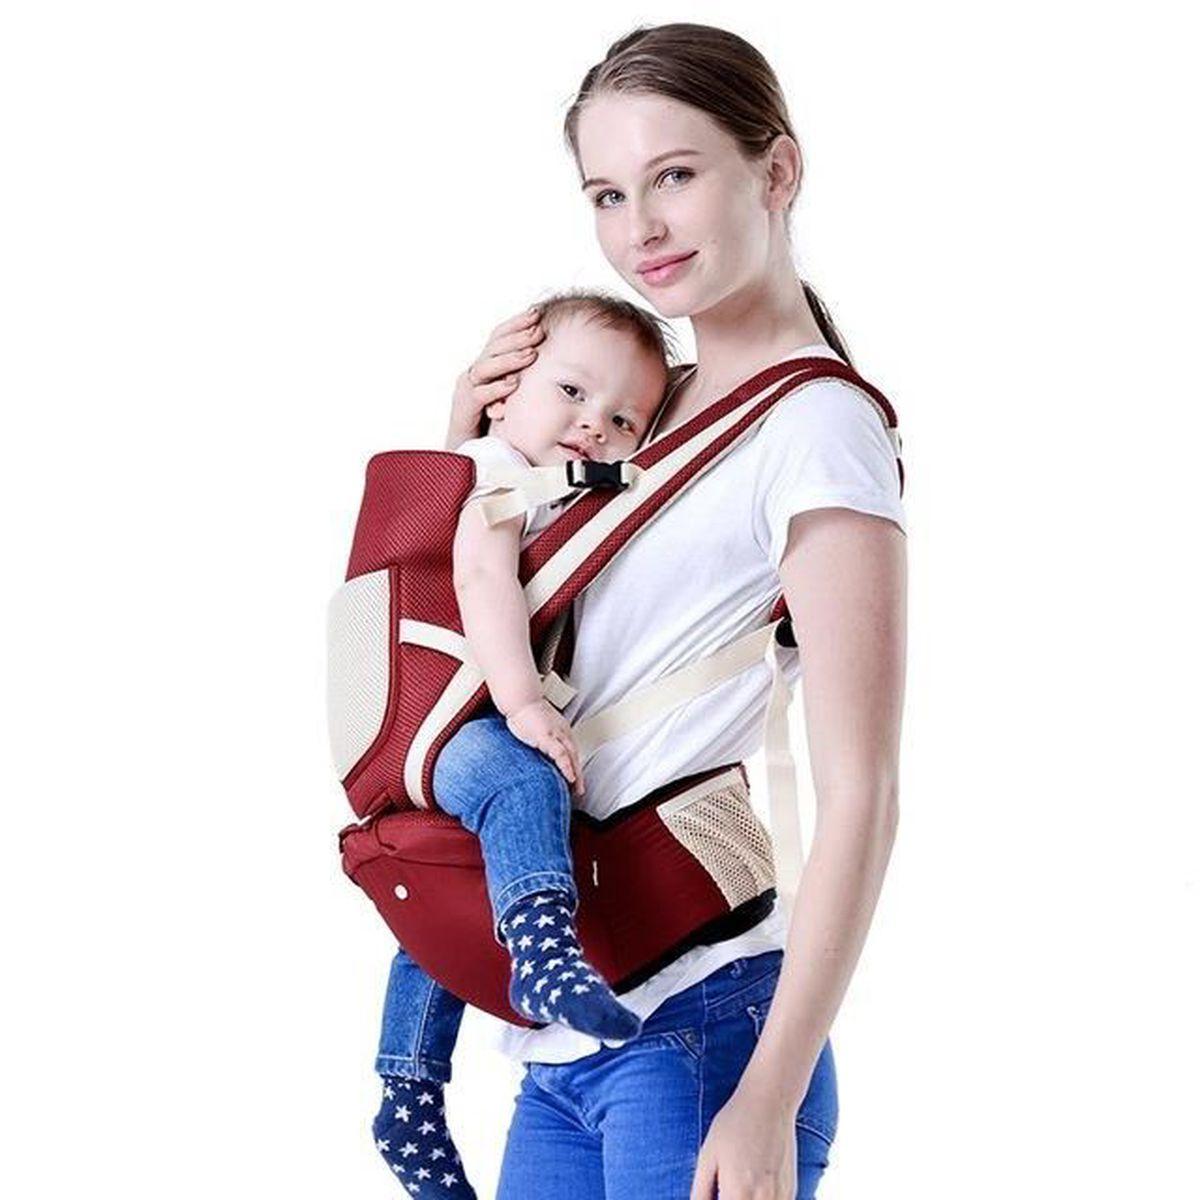 abf11218fa1 Porte bébé ventral et dorsal Haute qualité Rouge – Confort ...